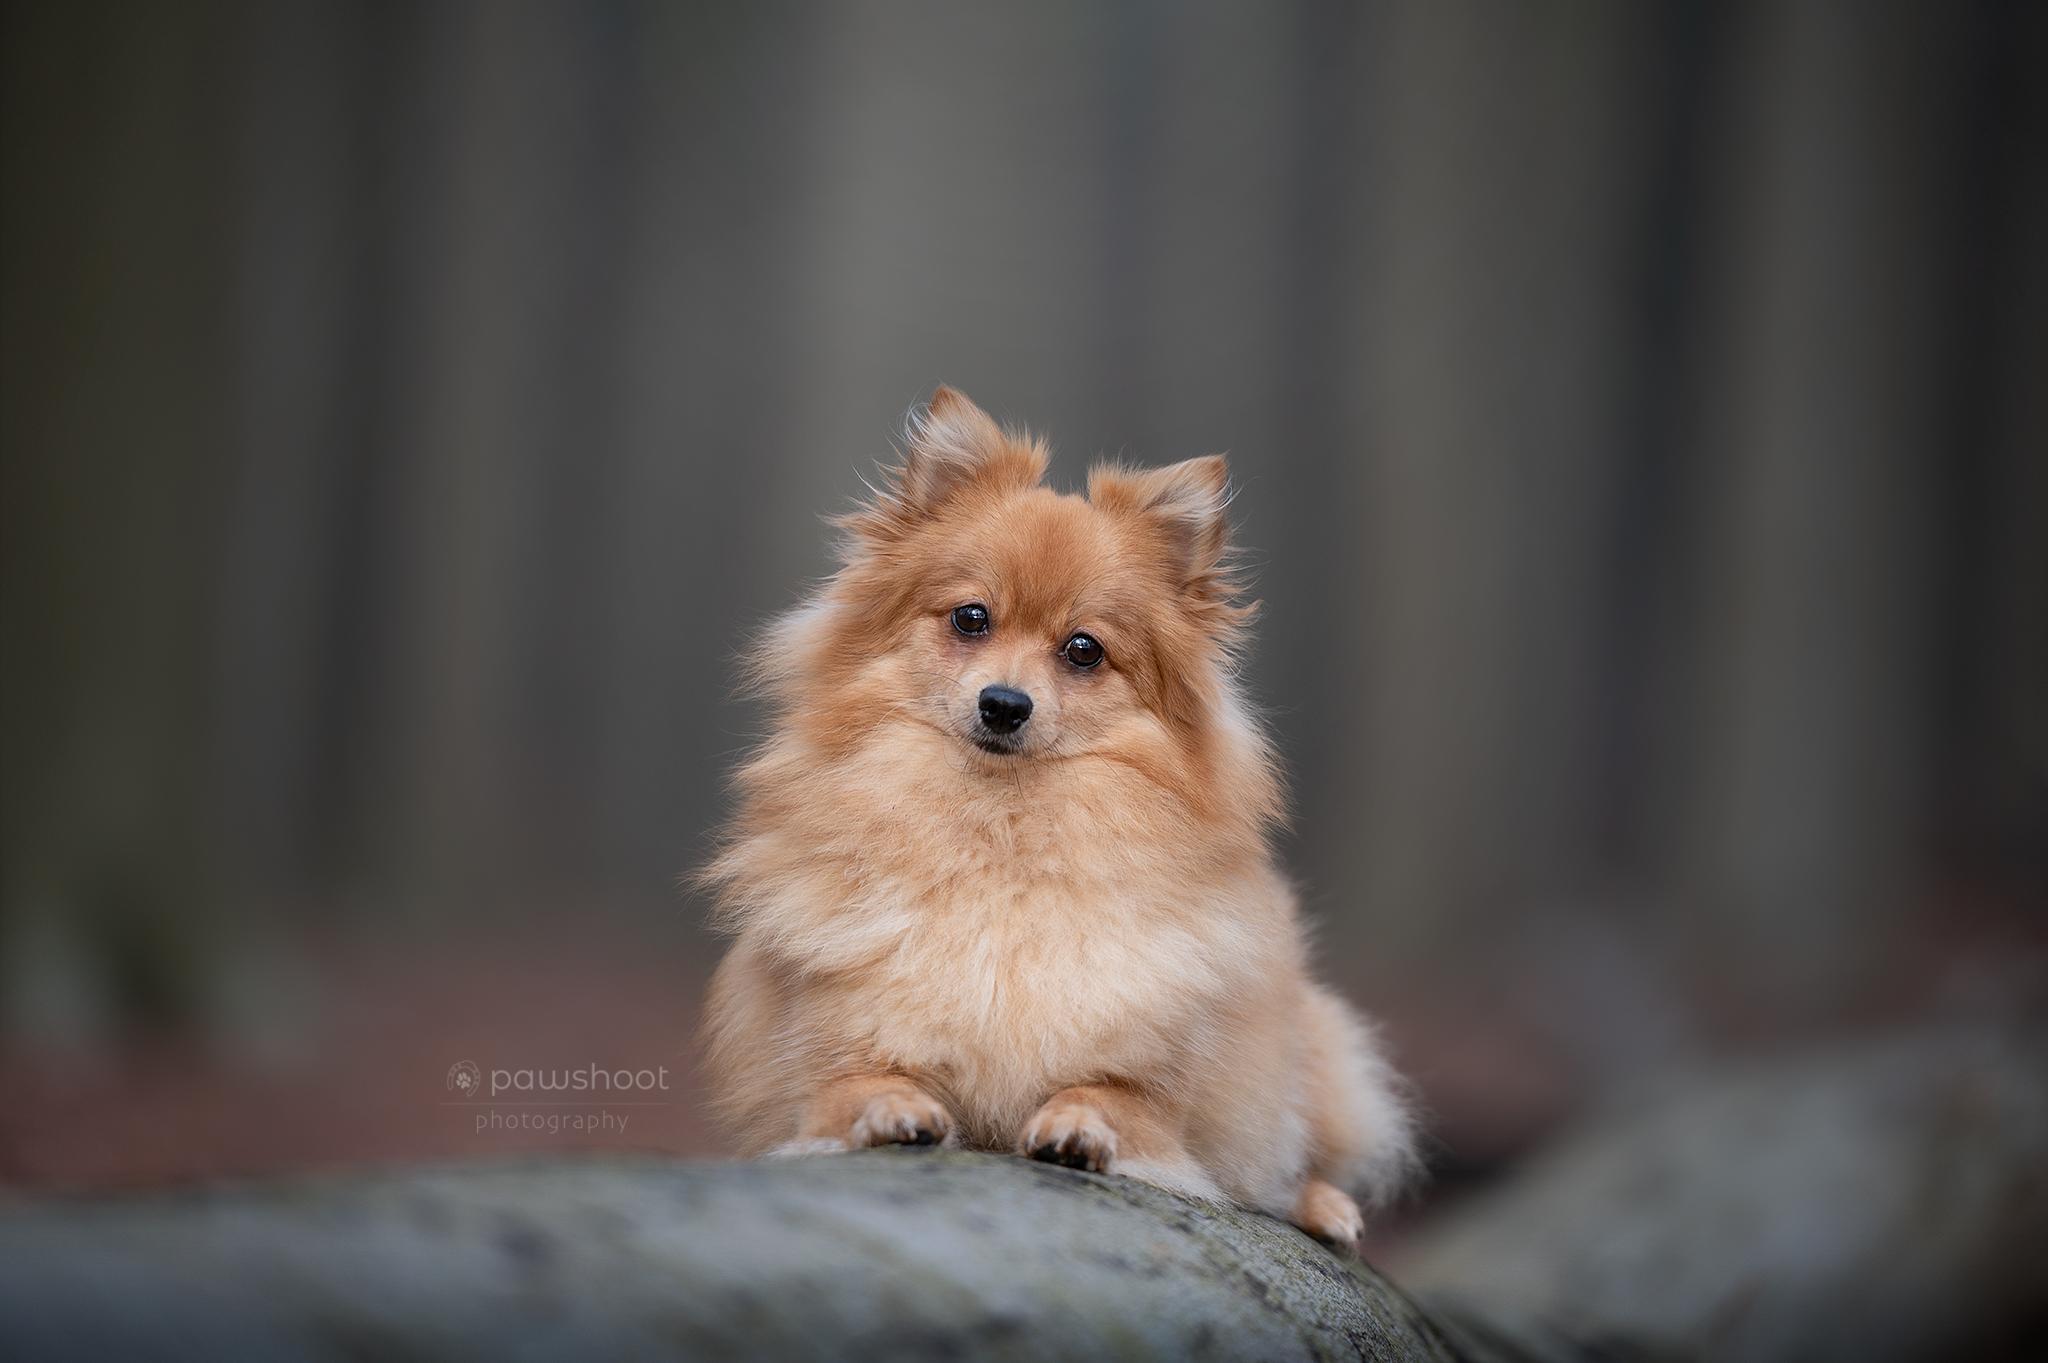 dwergkees als supermodel Pawshoot hondenfotografie